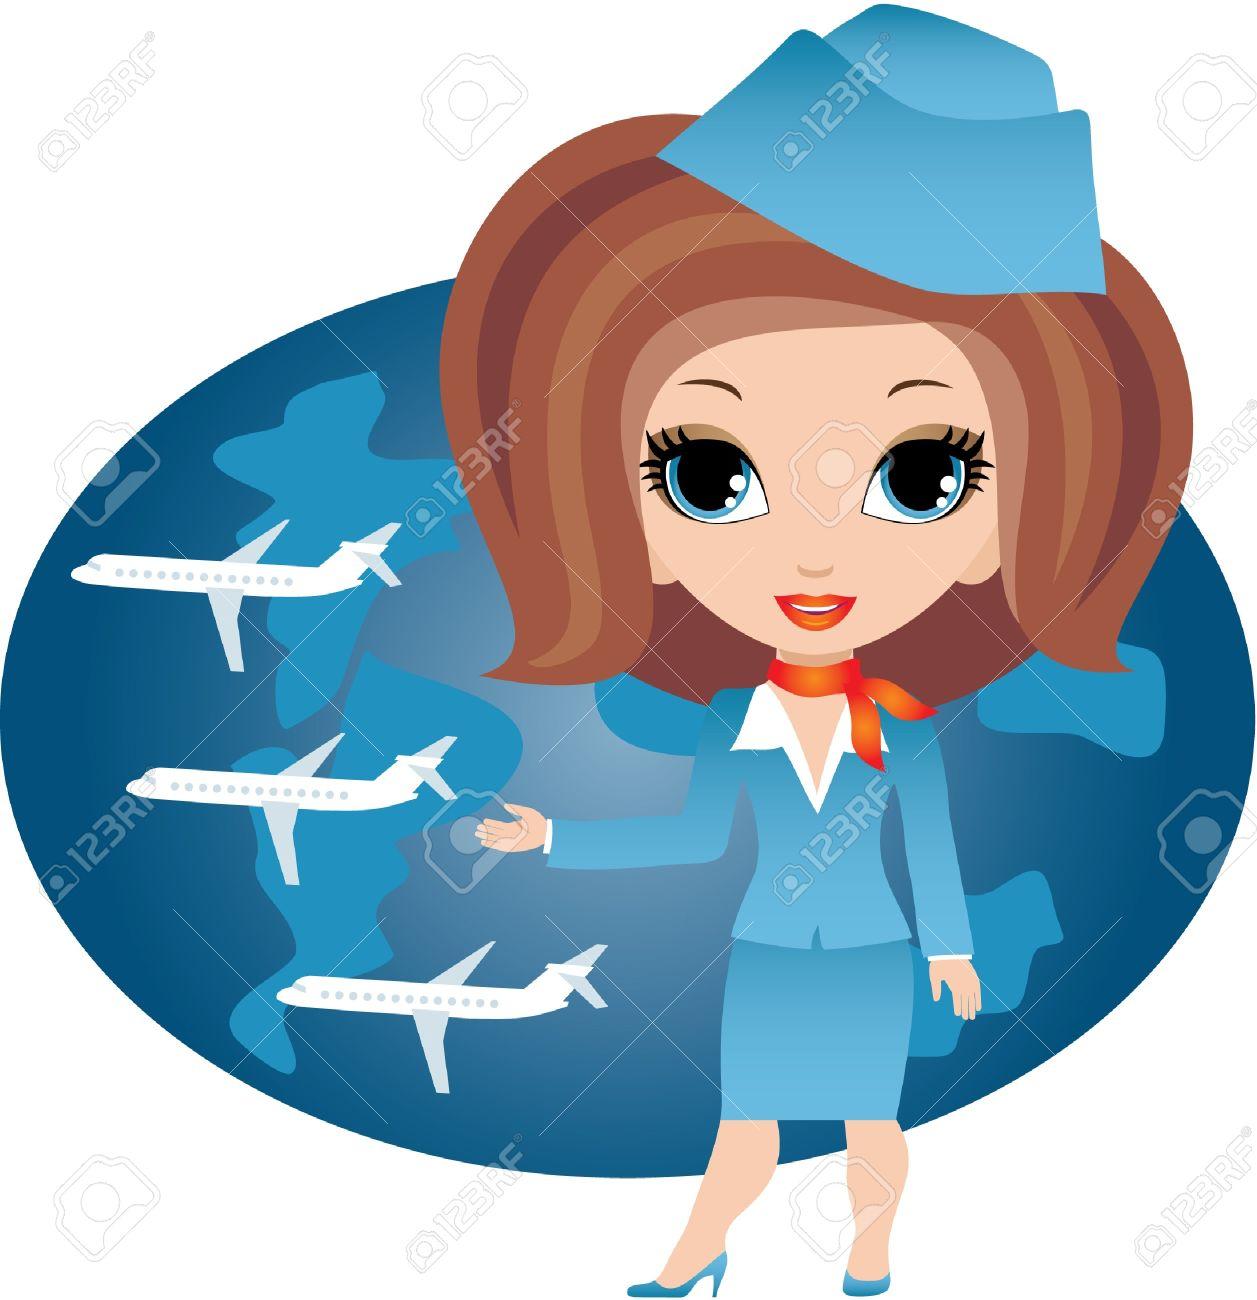 Air hostess clipart 12 » Clipart Station.